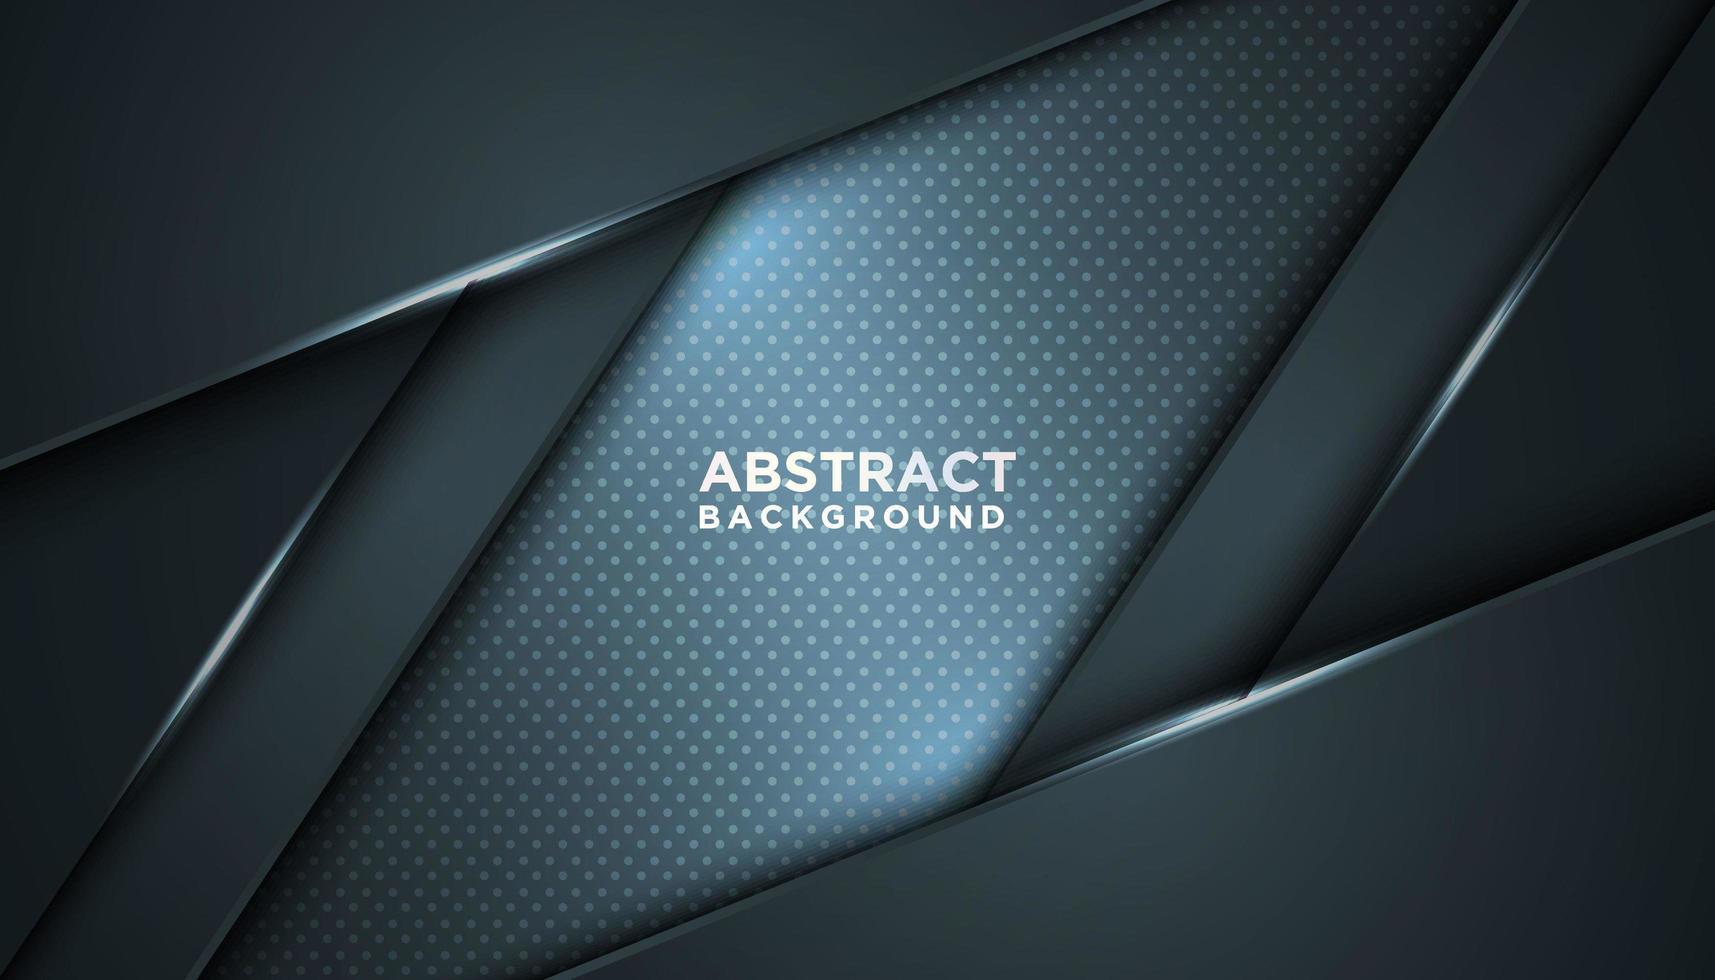 abstrakter grau-blauer Parallelogramm-geschichteter Hintergrund vektor